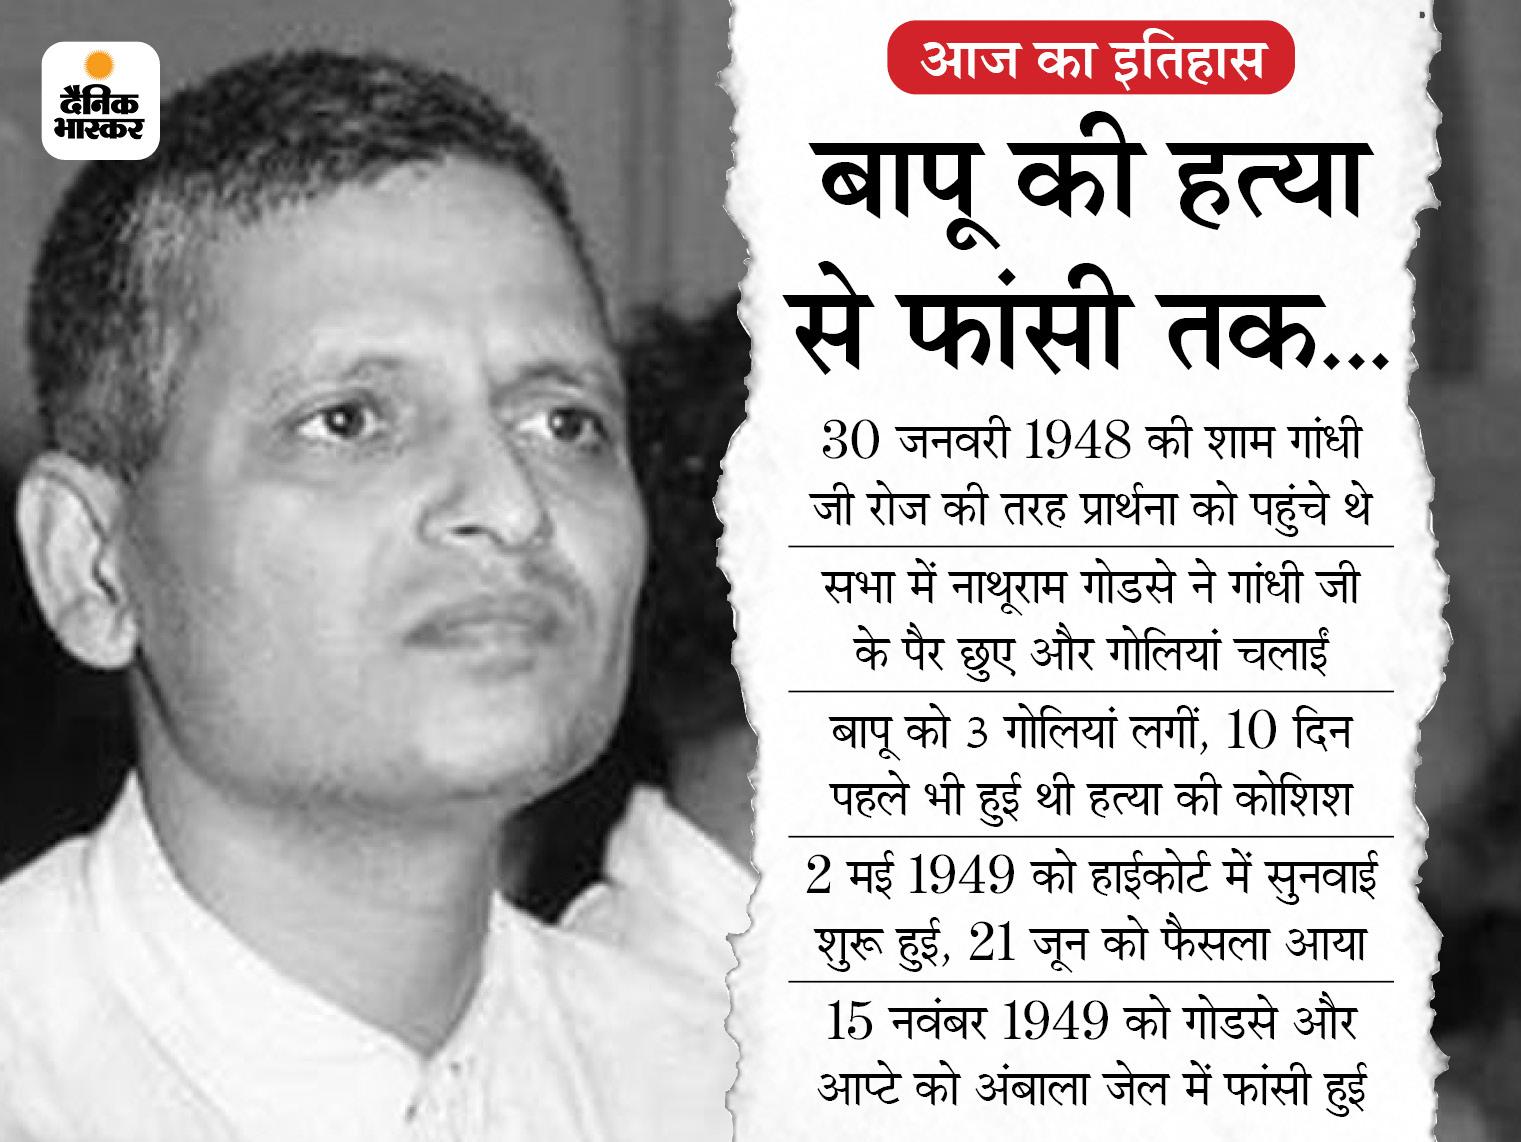 महात्मा गांधी की हत्या के लिए पंजाब हाईकोर्ट में शुरू हुई थी नाथूराम गोडसे एवं अन्य के खिलाफ सुनवाई देश,National - Dainik Bhaskar